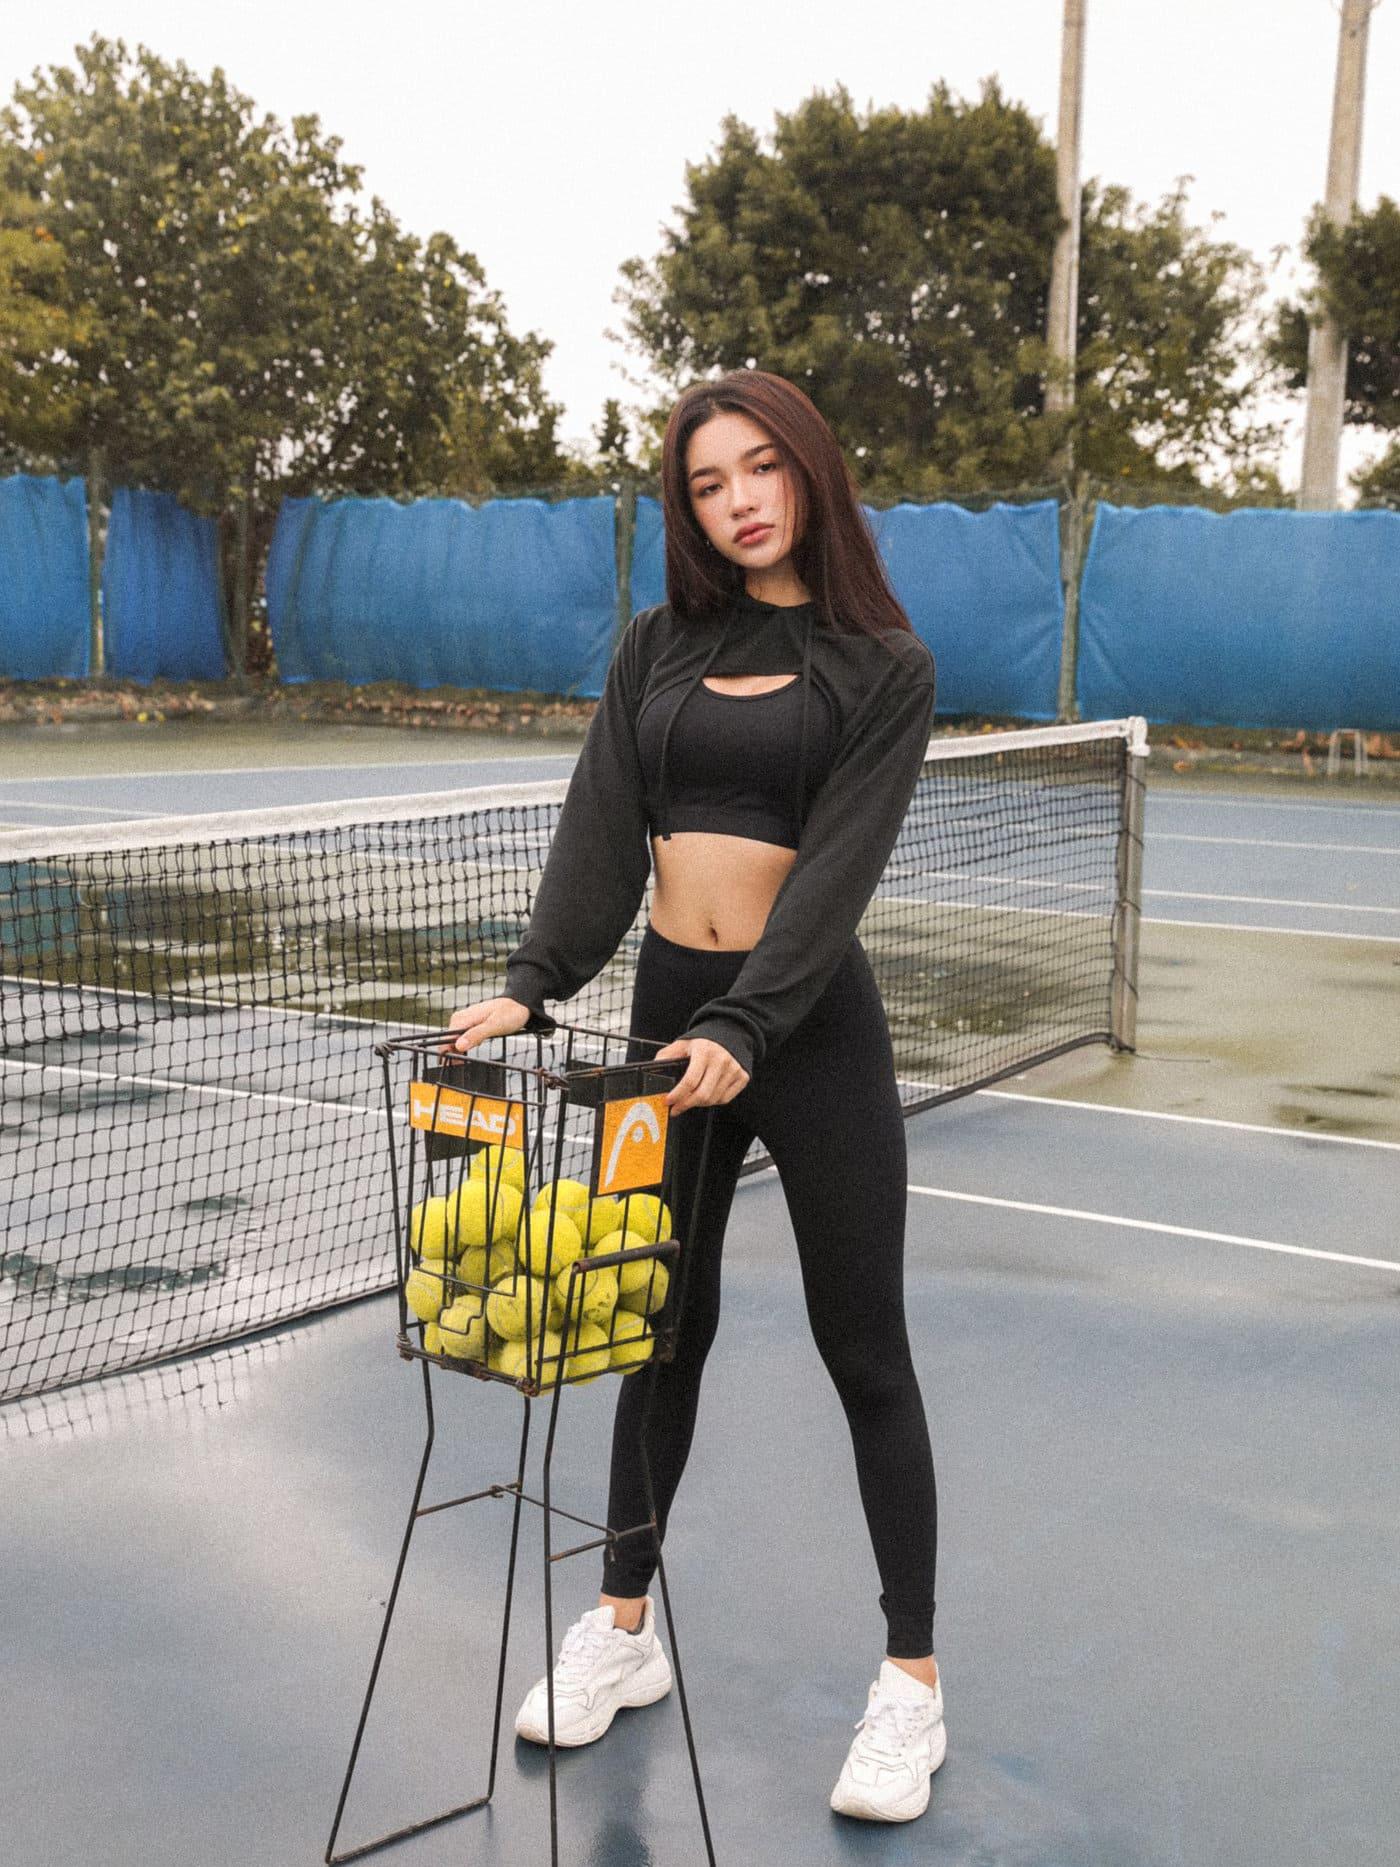 SoulM-中高舒適leggings運動褲